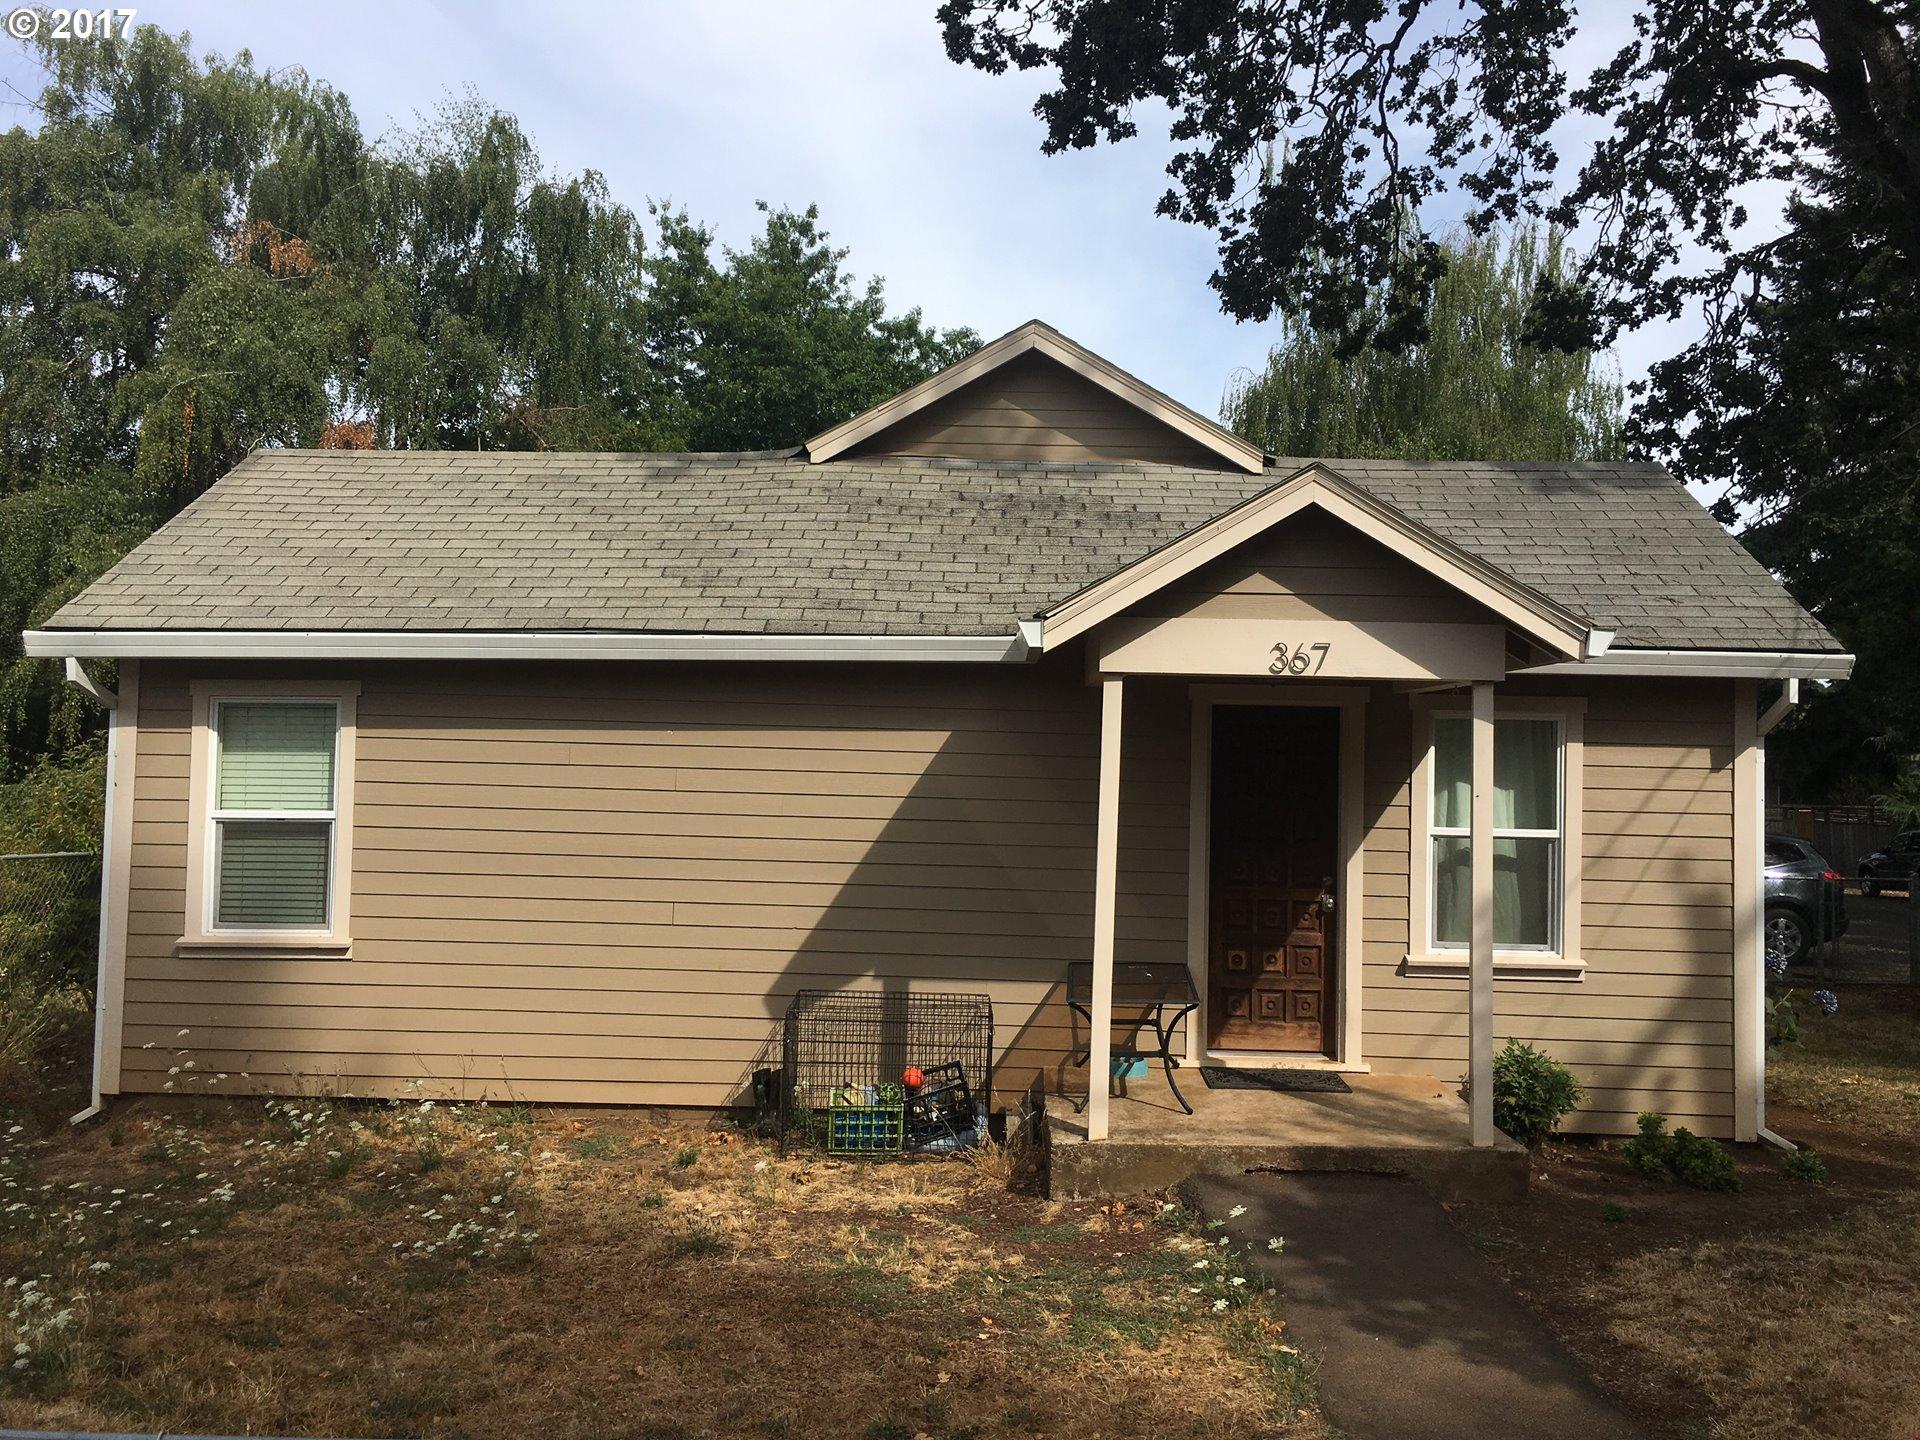 367 WARNER ST, Oregon City, OR 97045